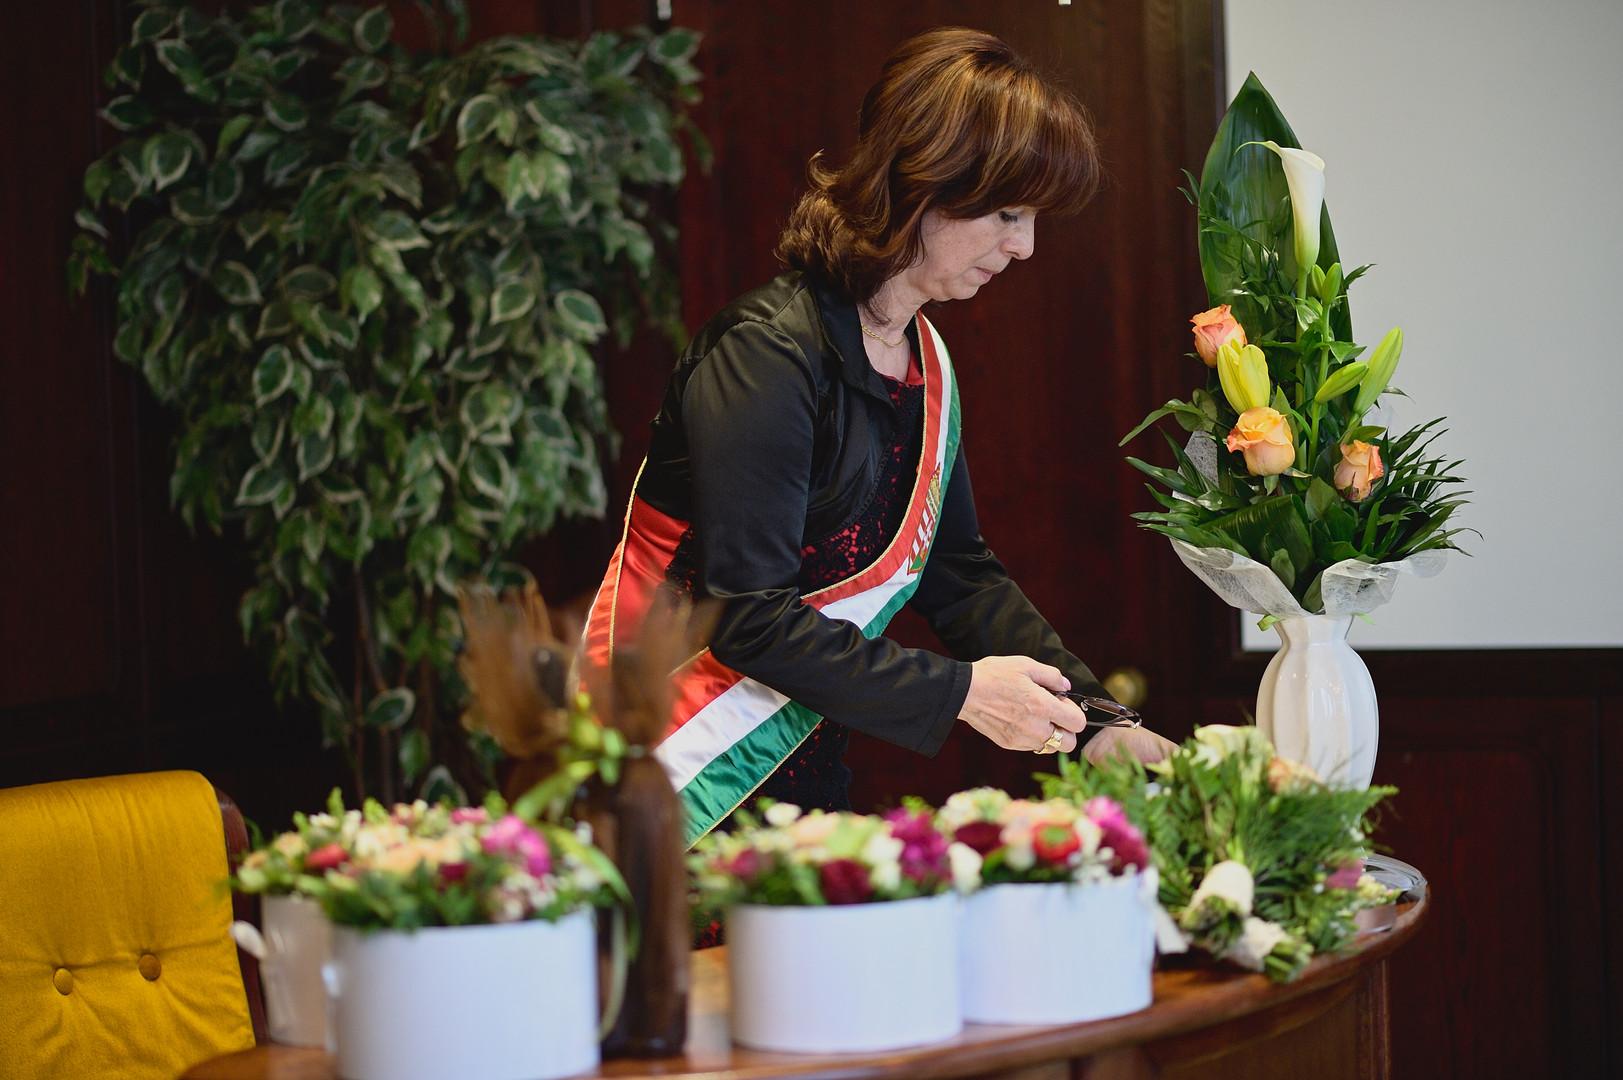 036 Esküvői fotózás - Enikő és Peti.jpg